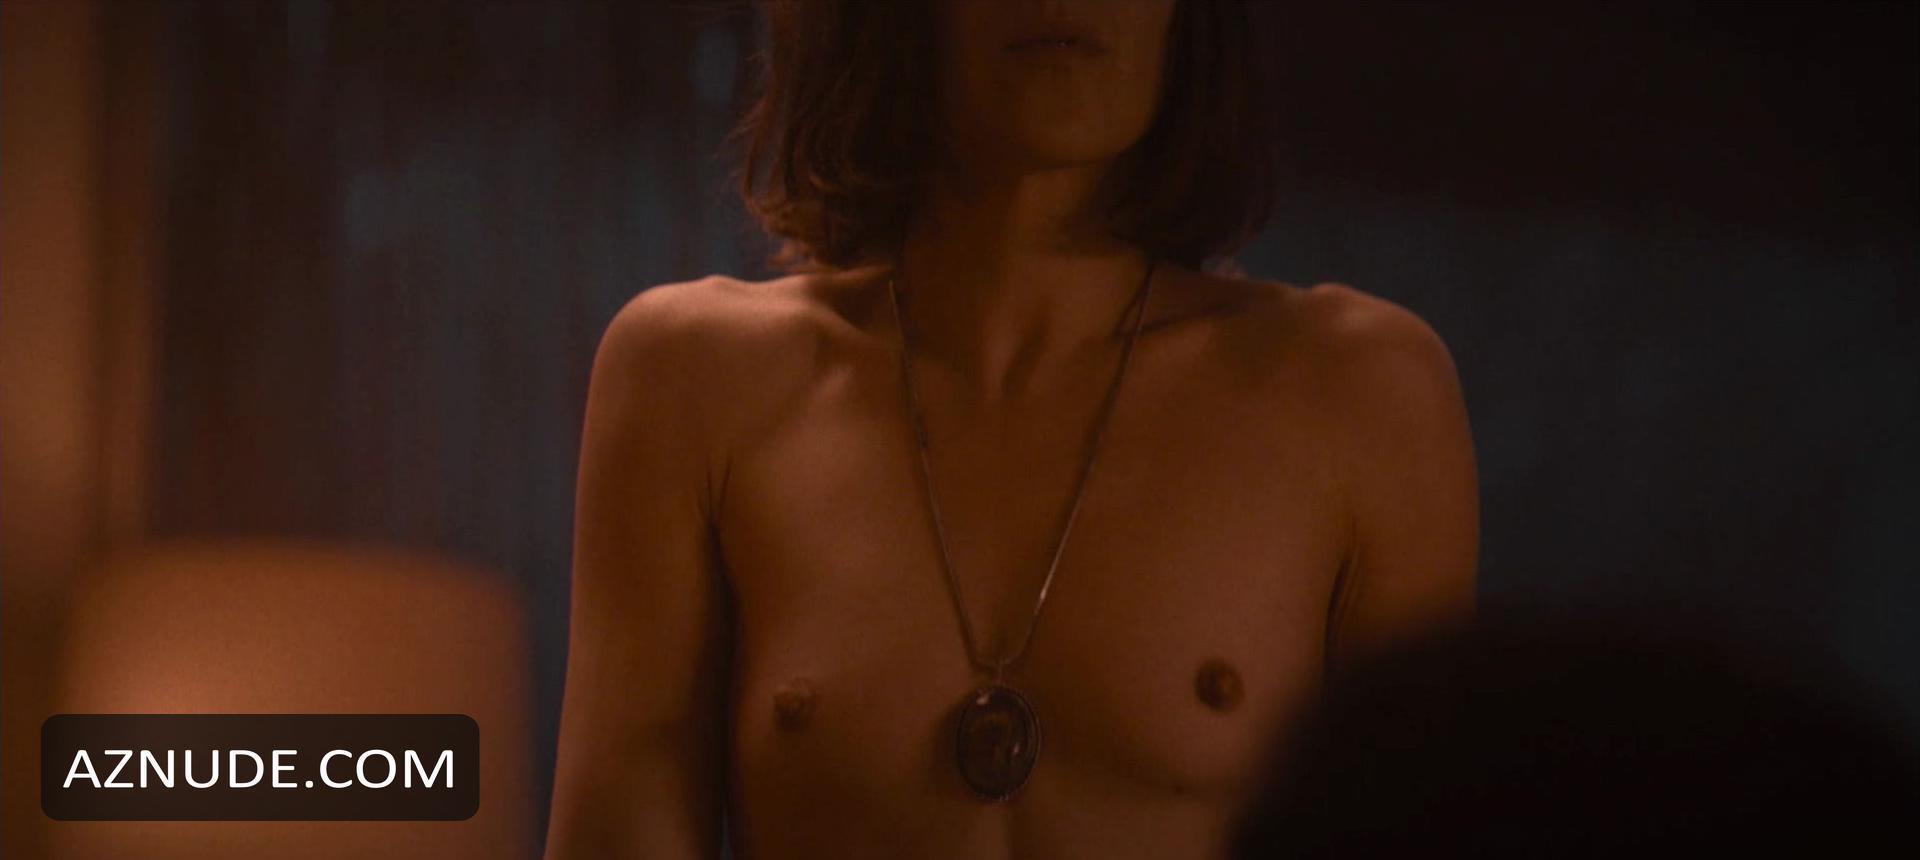 Housewife Nude Scenes - Aznude-4331